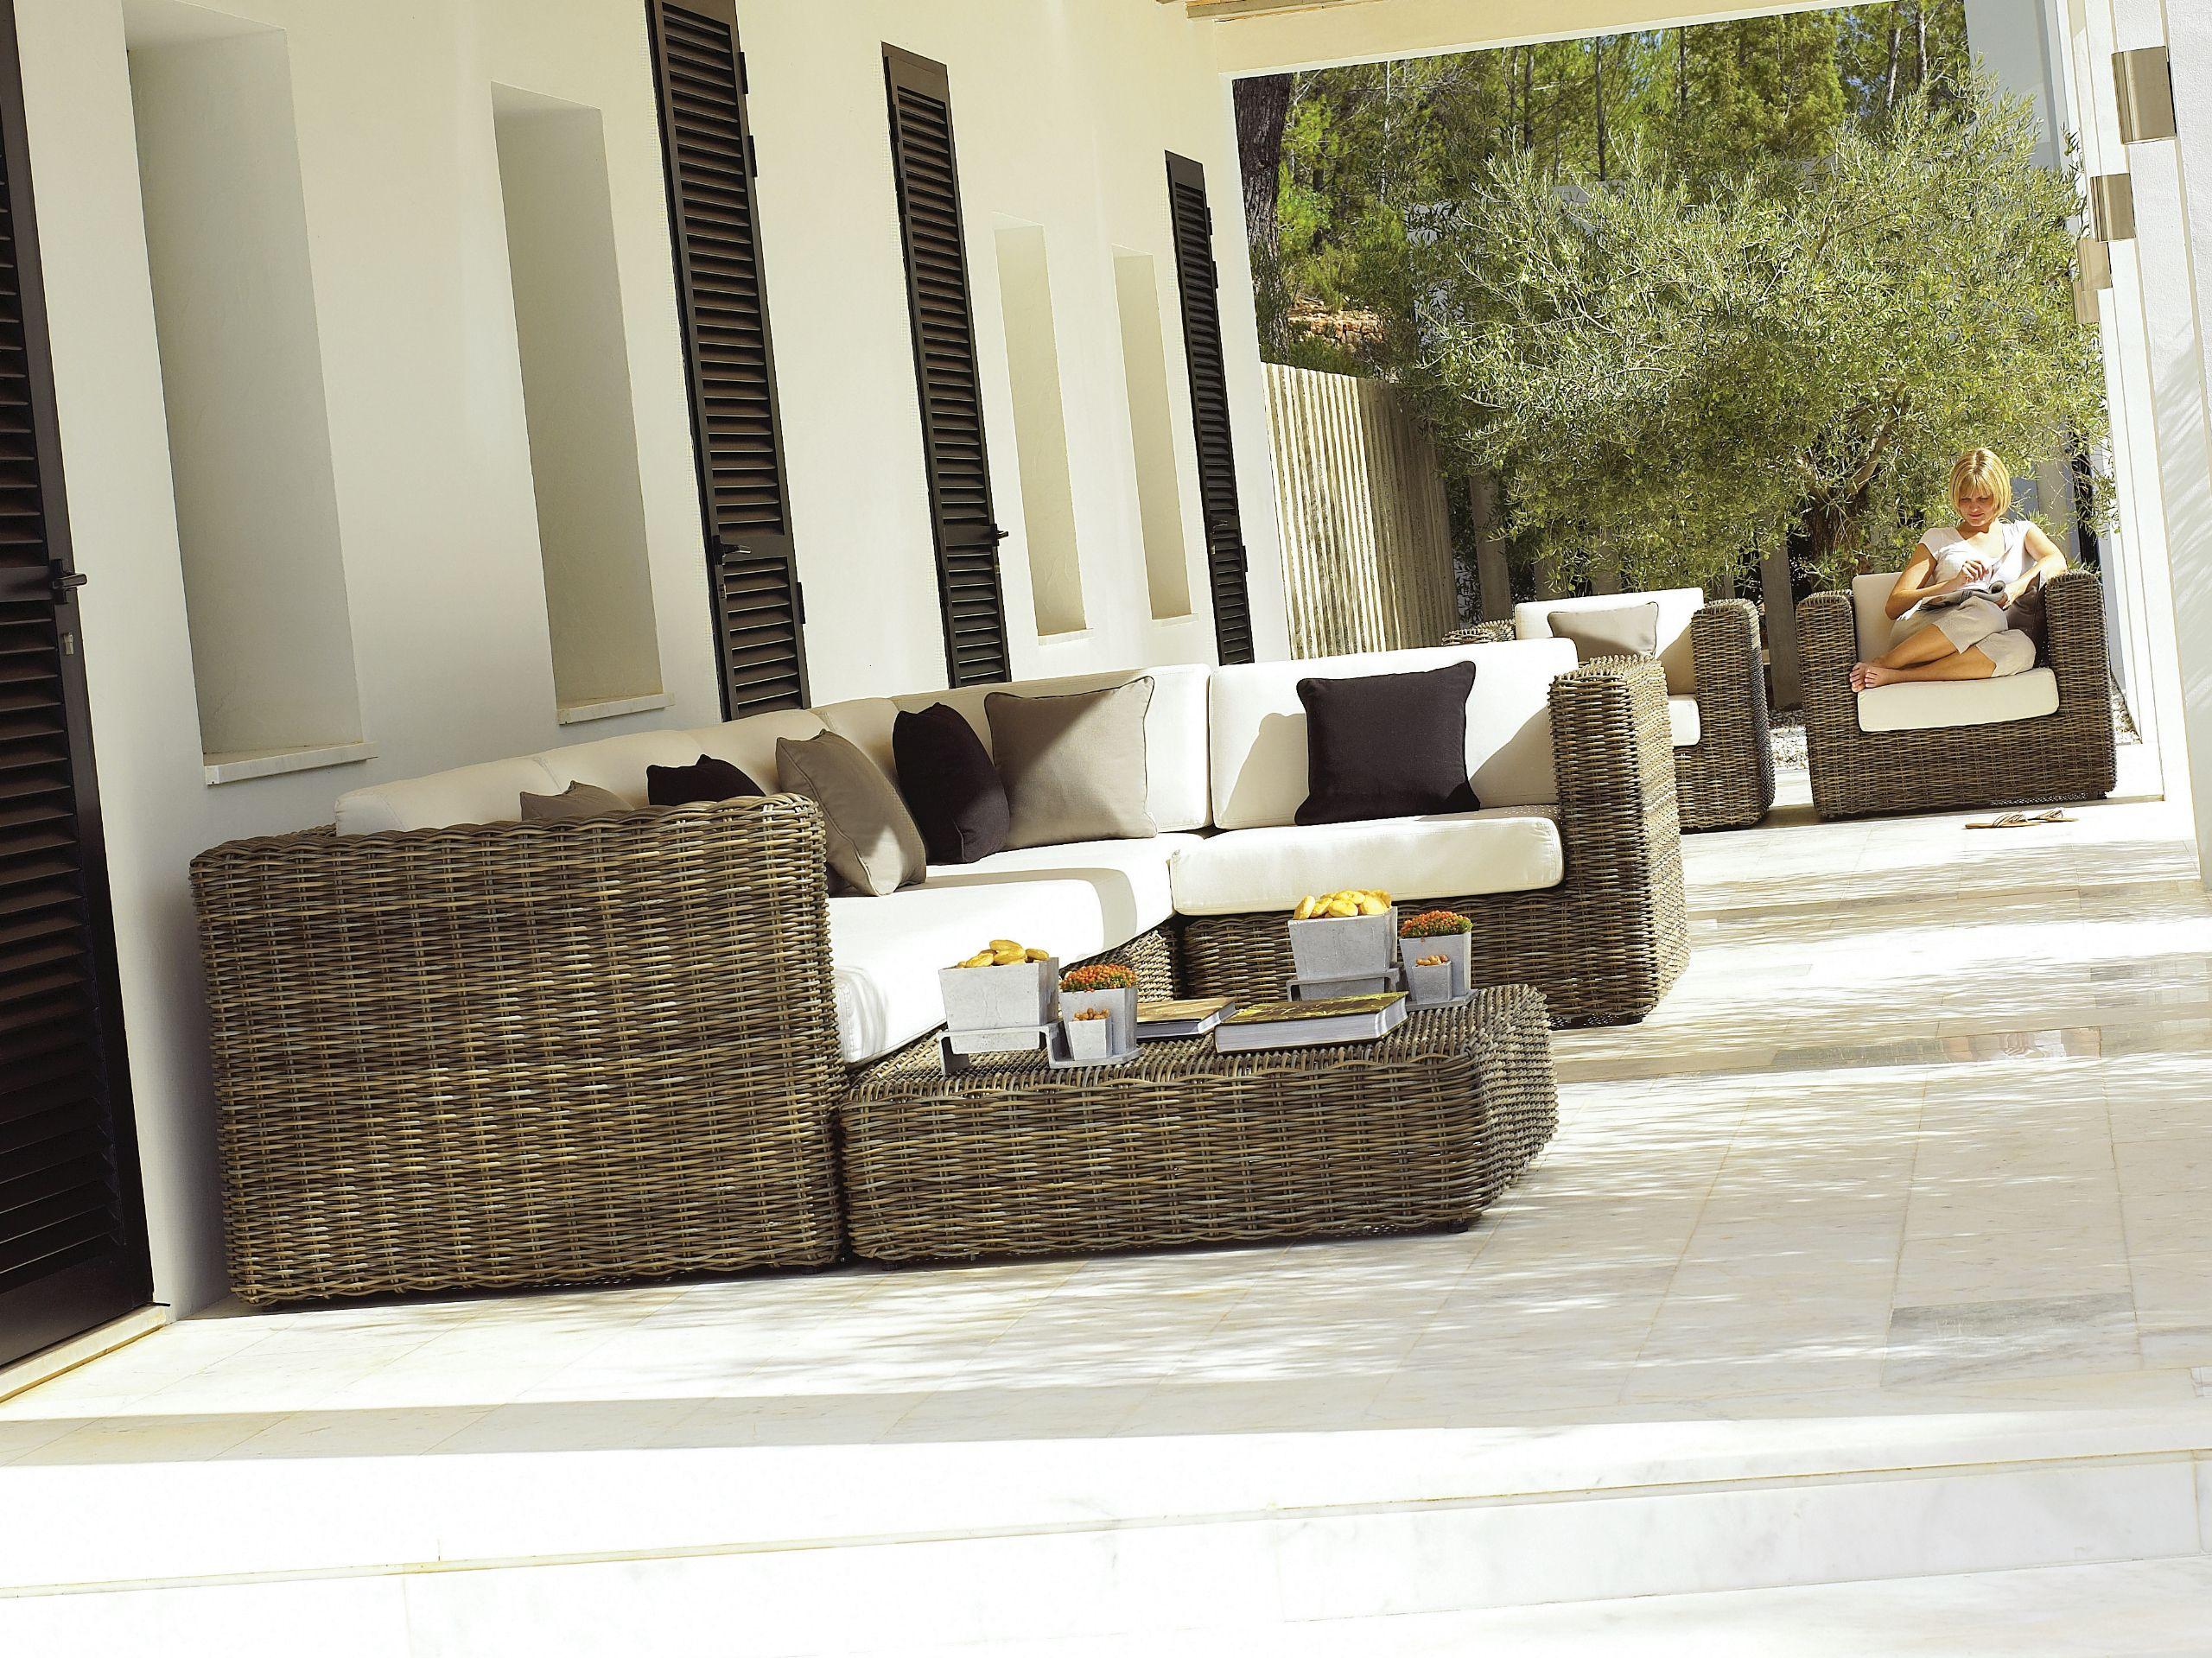 mesa jardim quadrada:jardim mobiliário de jardim pufes de jardim mesinhas de jardim